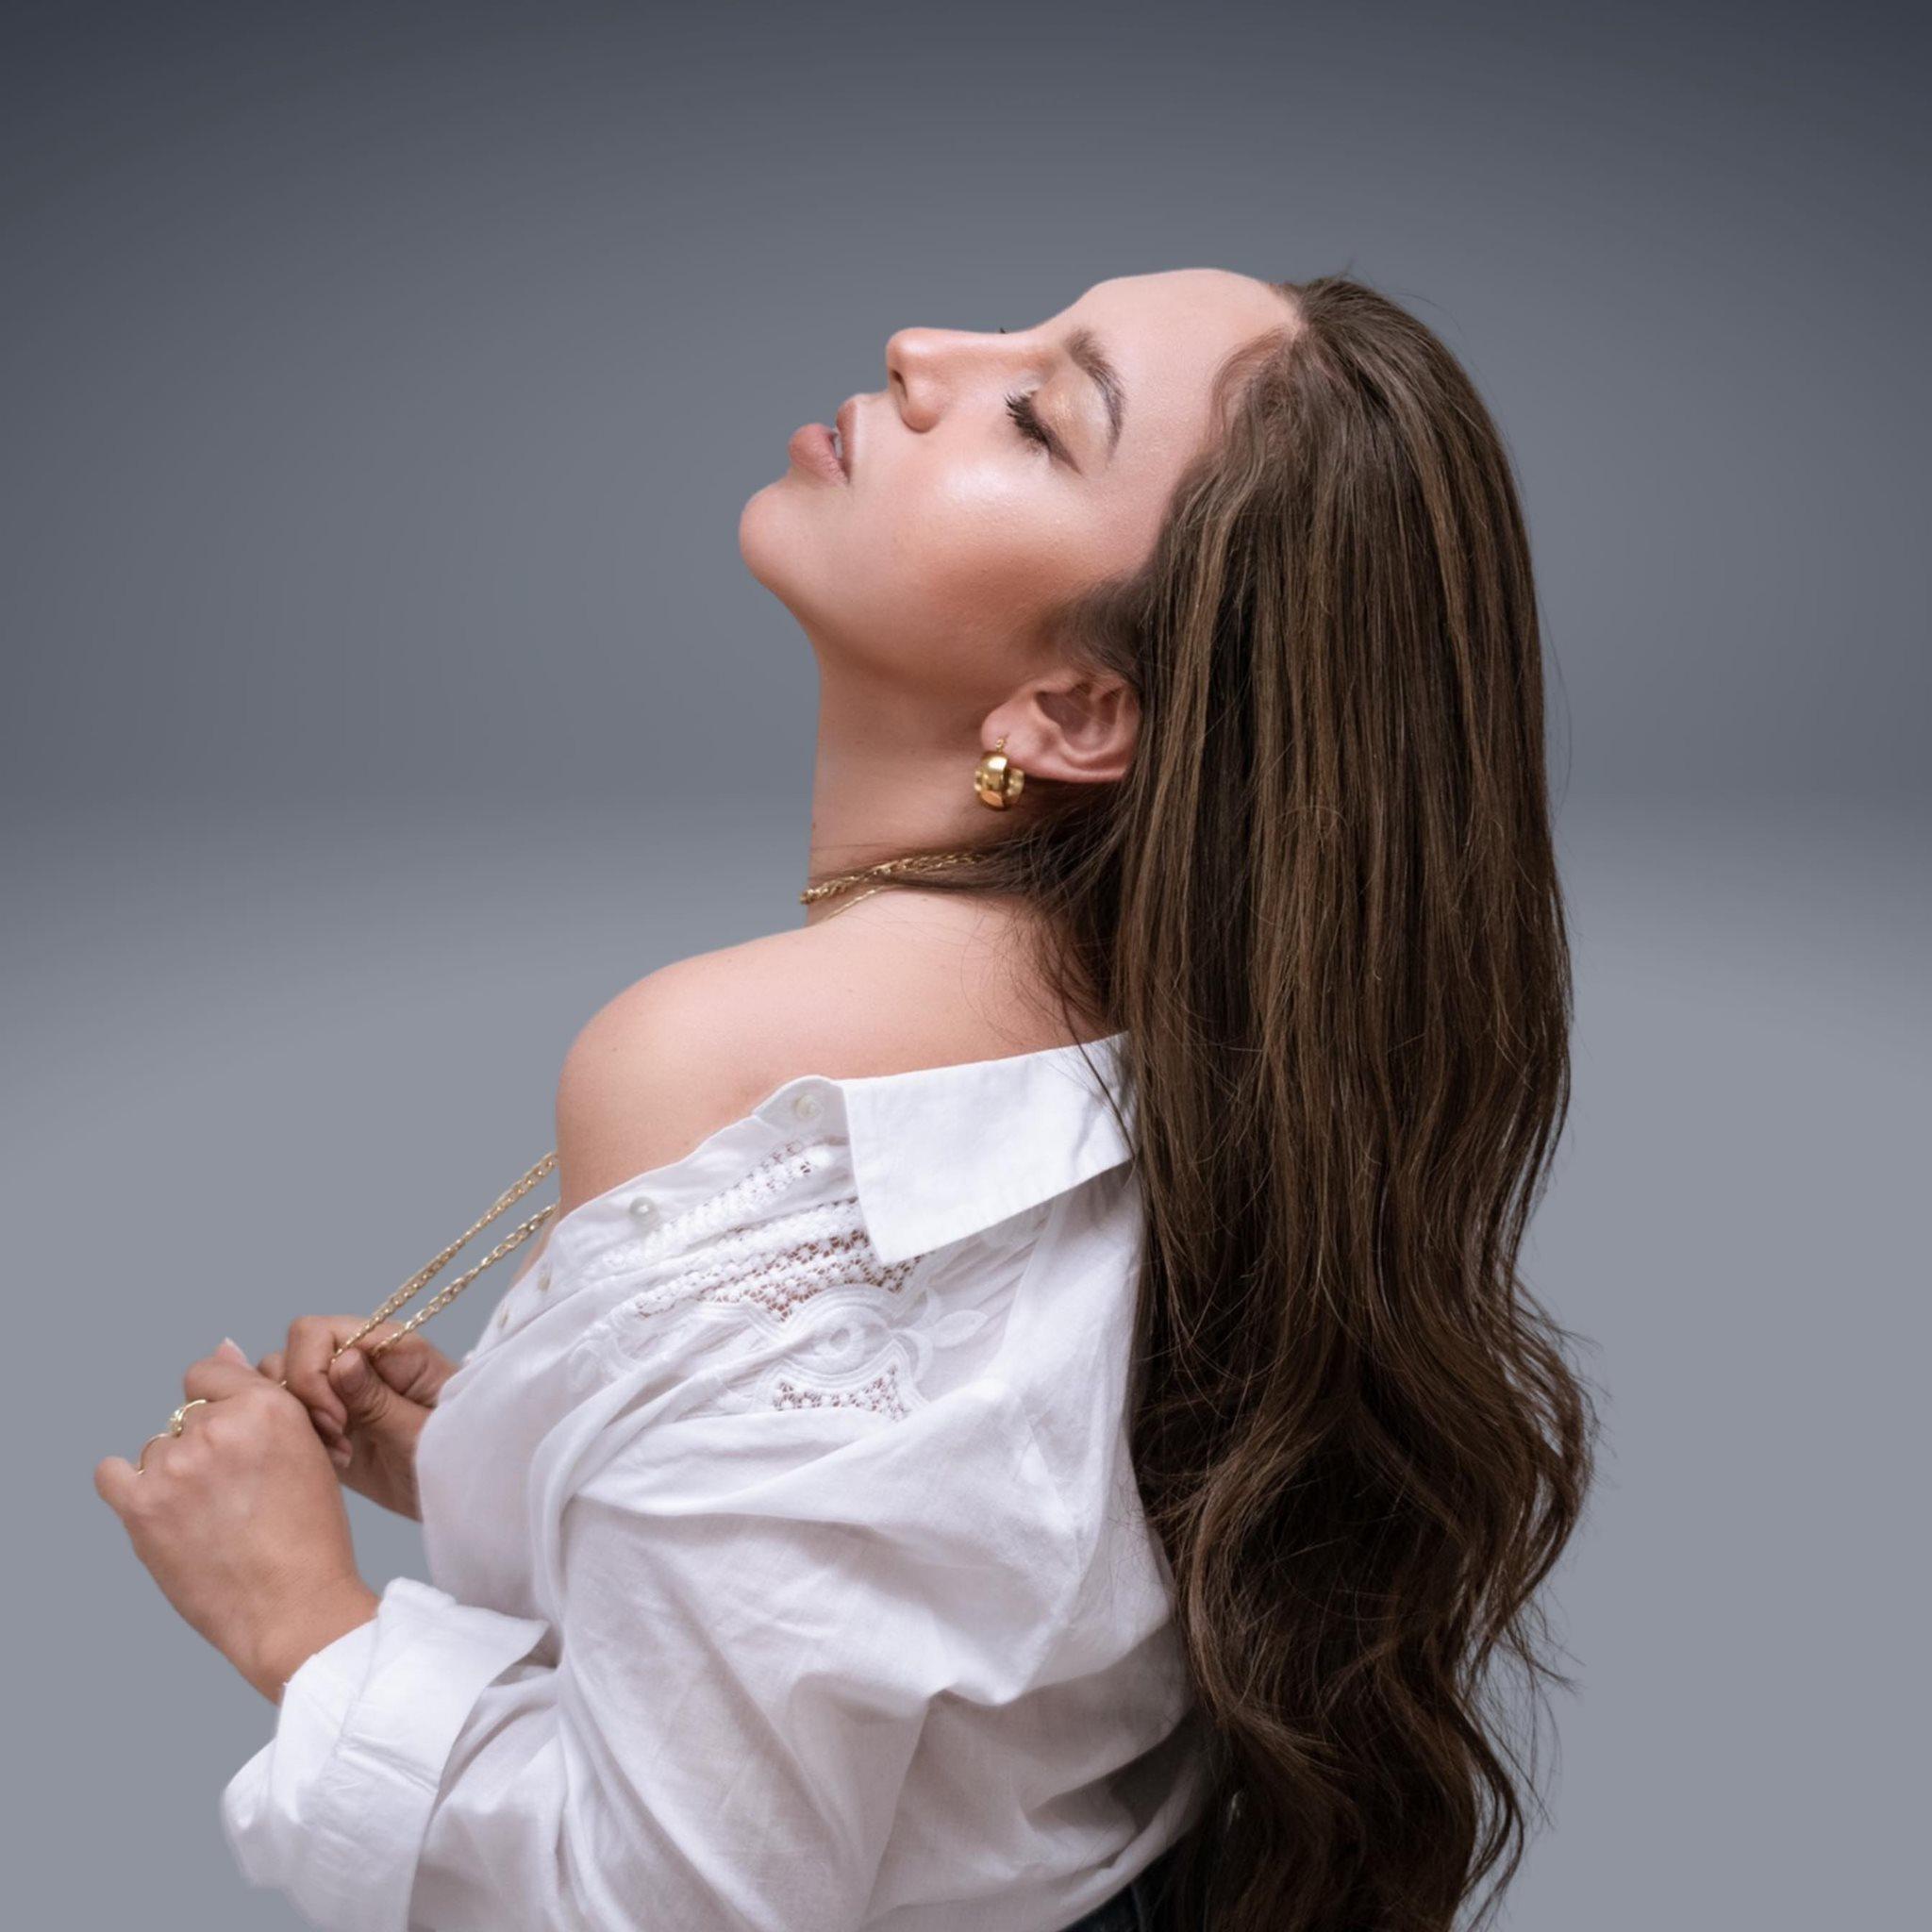 ` ¡Cómo no voy a decirlo! ´ Angélica Jaimes llega desde la tierra llanera   Entretenimiento   Variedades   EL FRENTE